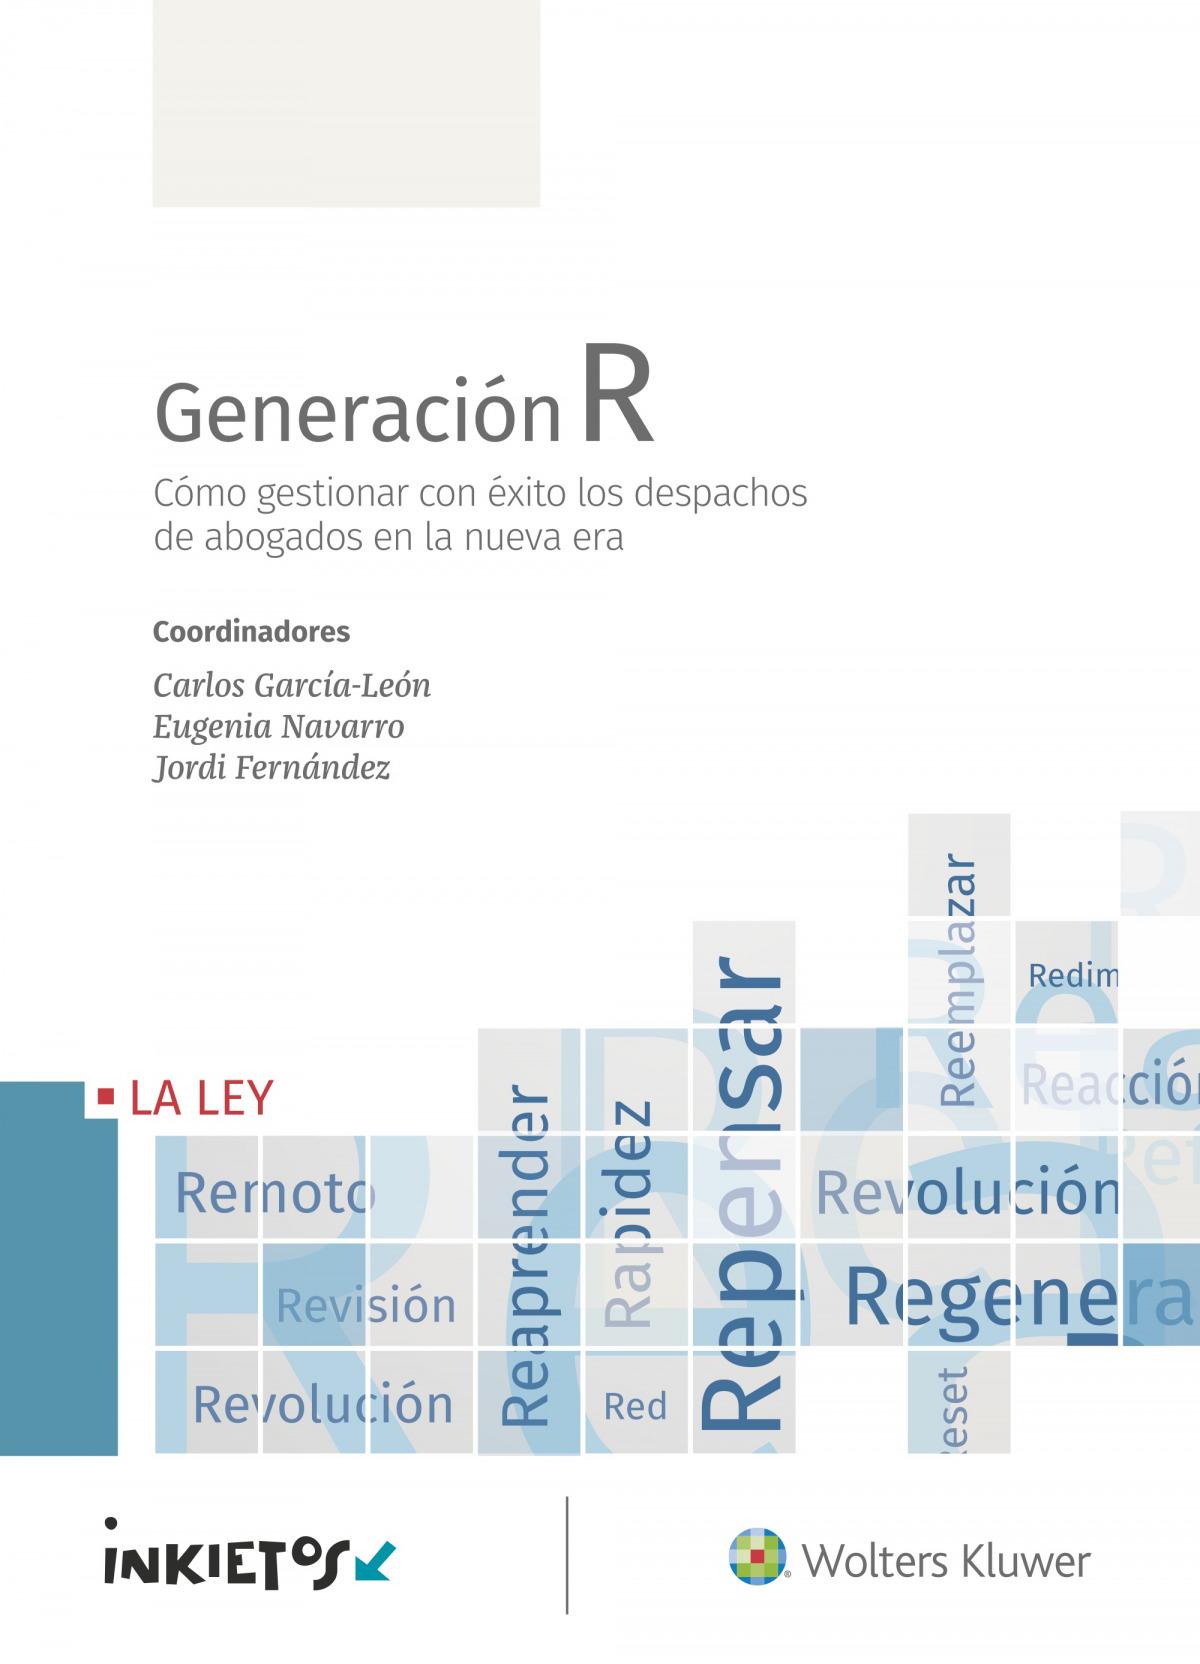 Generación R